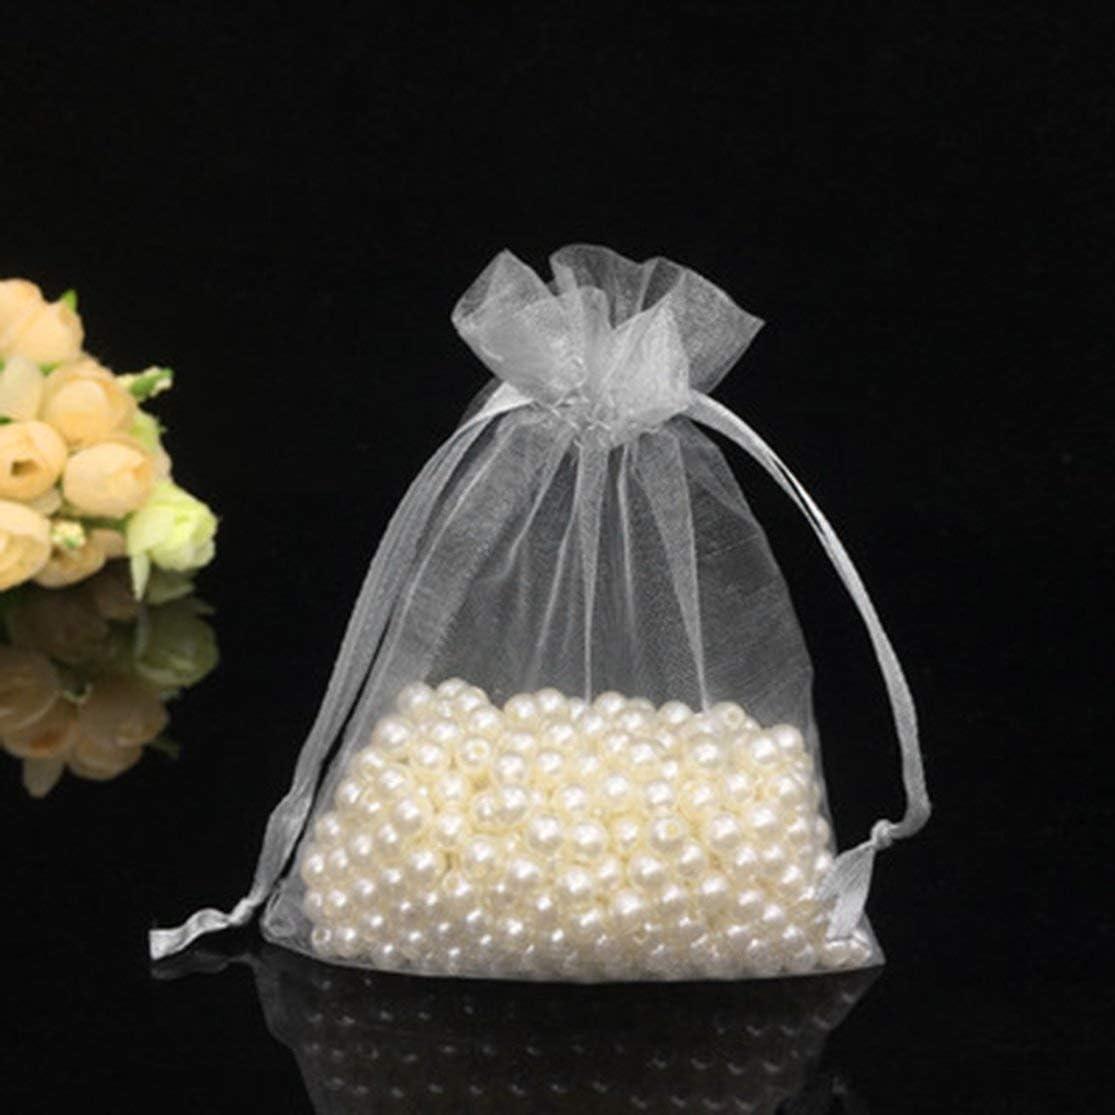 100pcs lot Dessins Blanc Petits Organza Sacs 7x9cm Favor Mariage Cadeau De No/ël Sac Bijoux Emballage Sacs /& Pochettes D/écoration comme limage montre